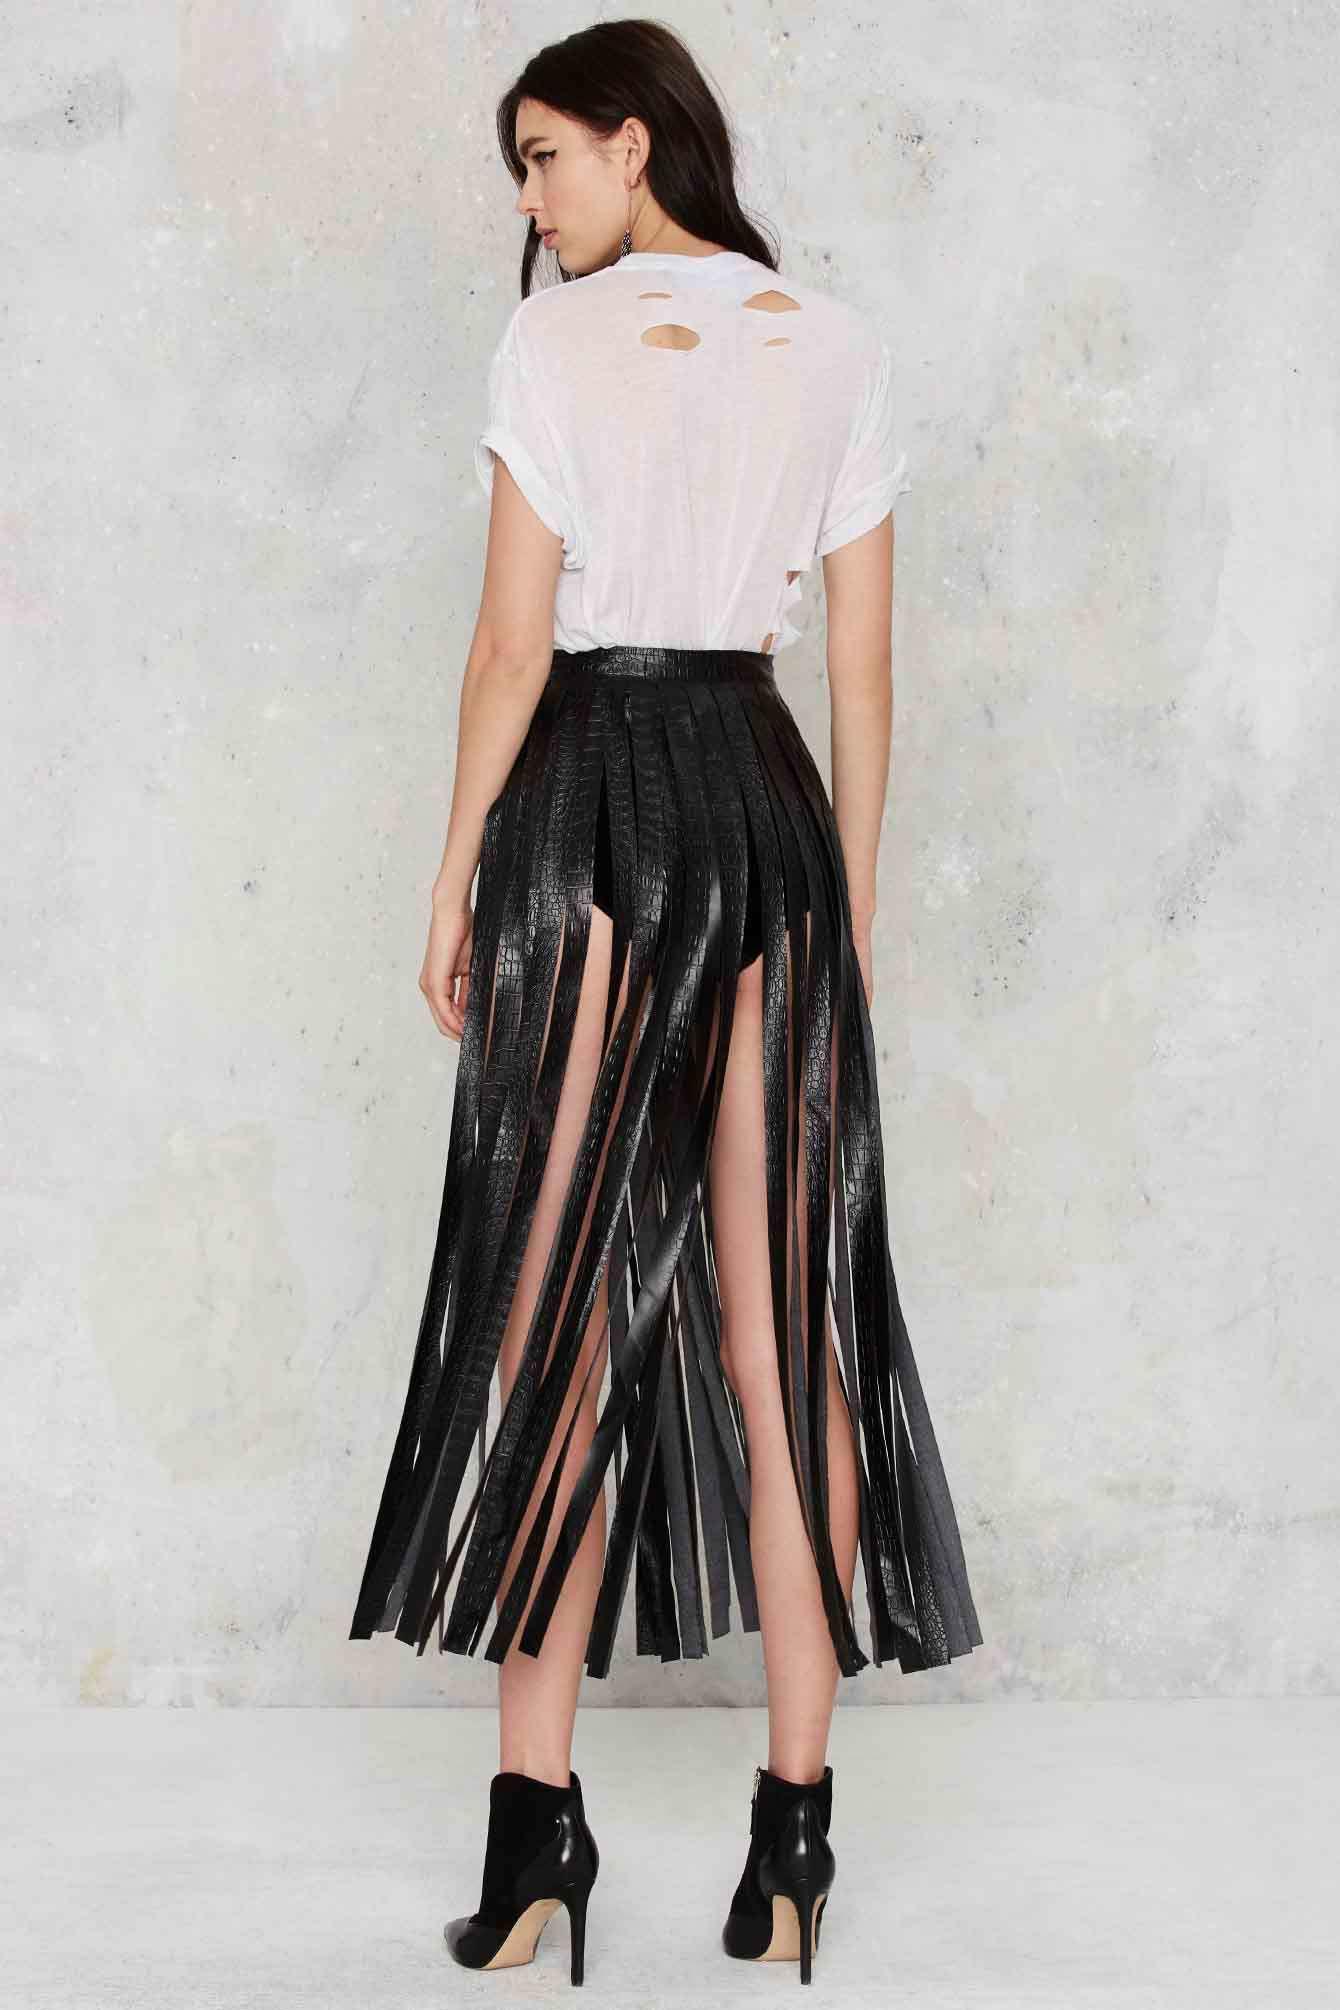 fringe skirt gallery FEVSEZV